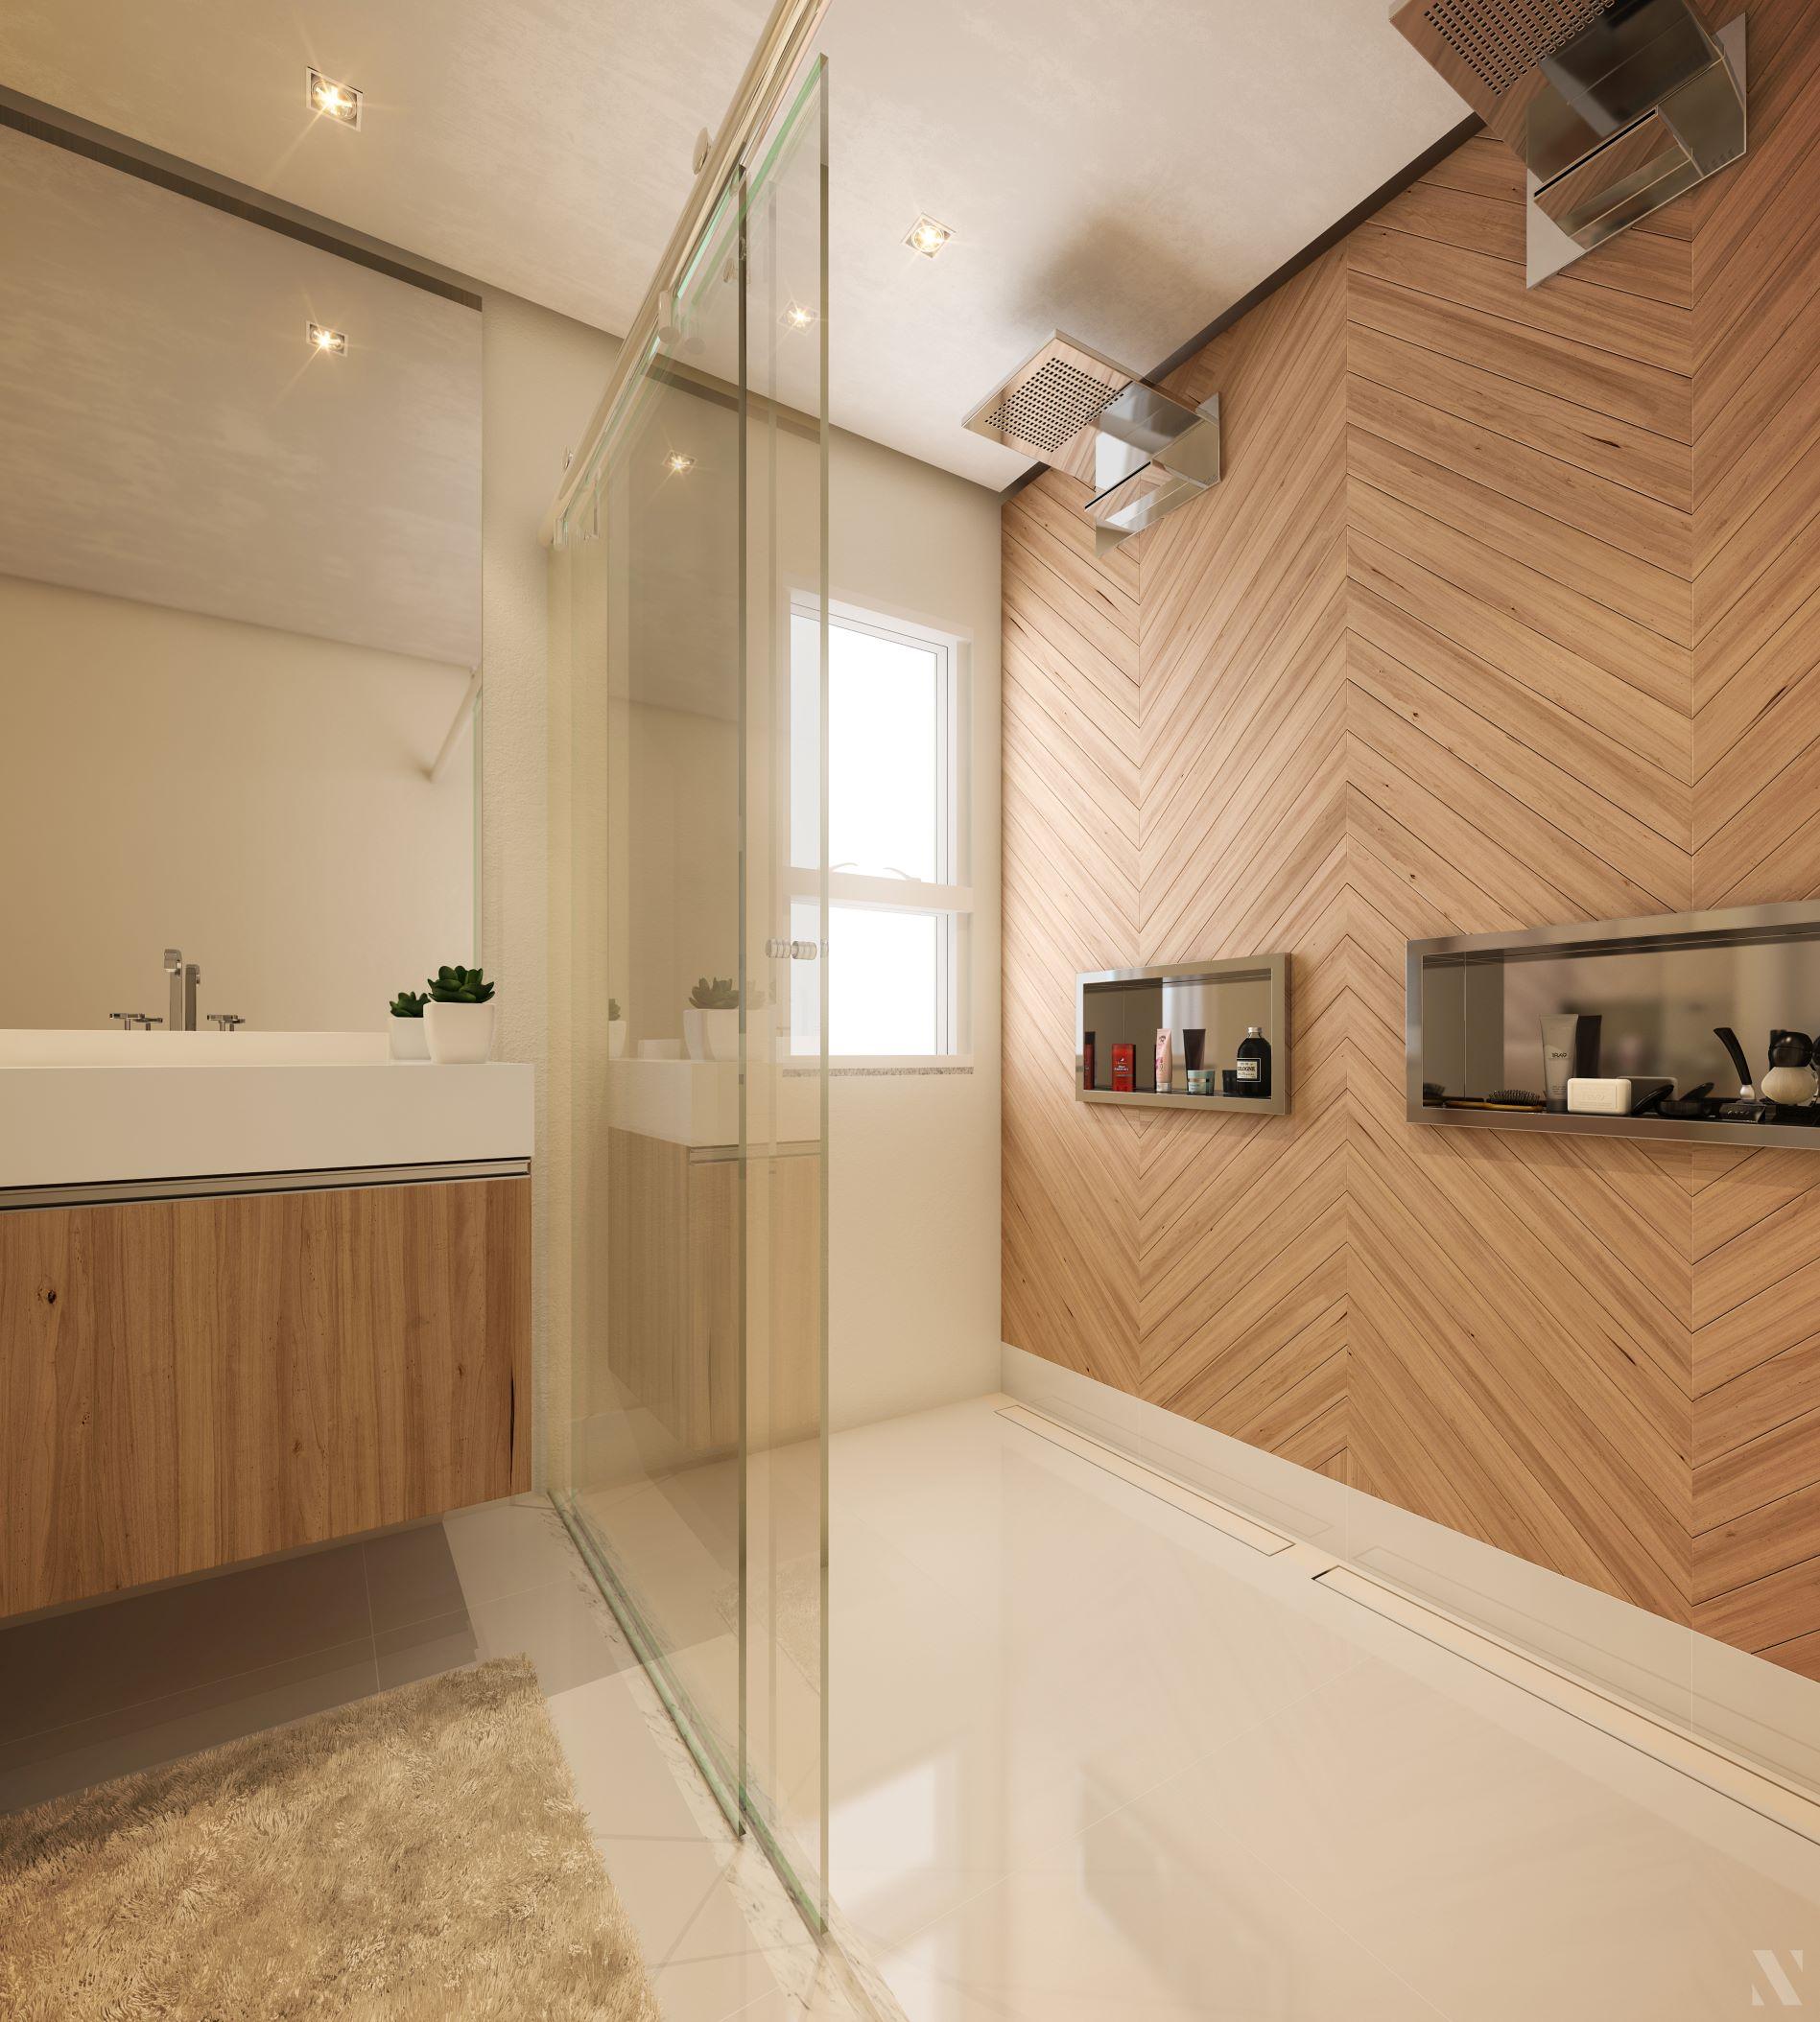 Reforma de banheiro: veja como escolher os produtos certos Sala de banho como chuveiros centrais, porcelanato que reproduz madeira, porcelanato polido e box de vidro.